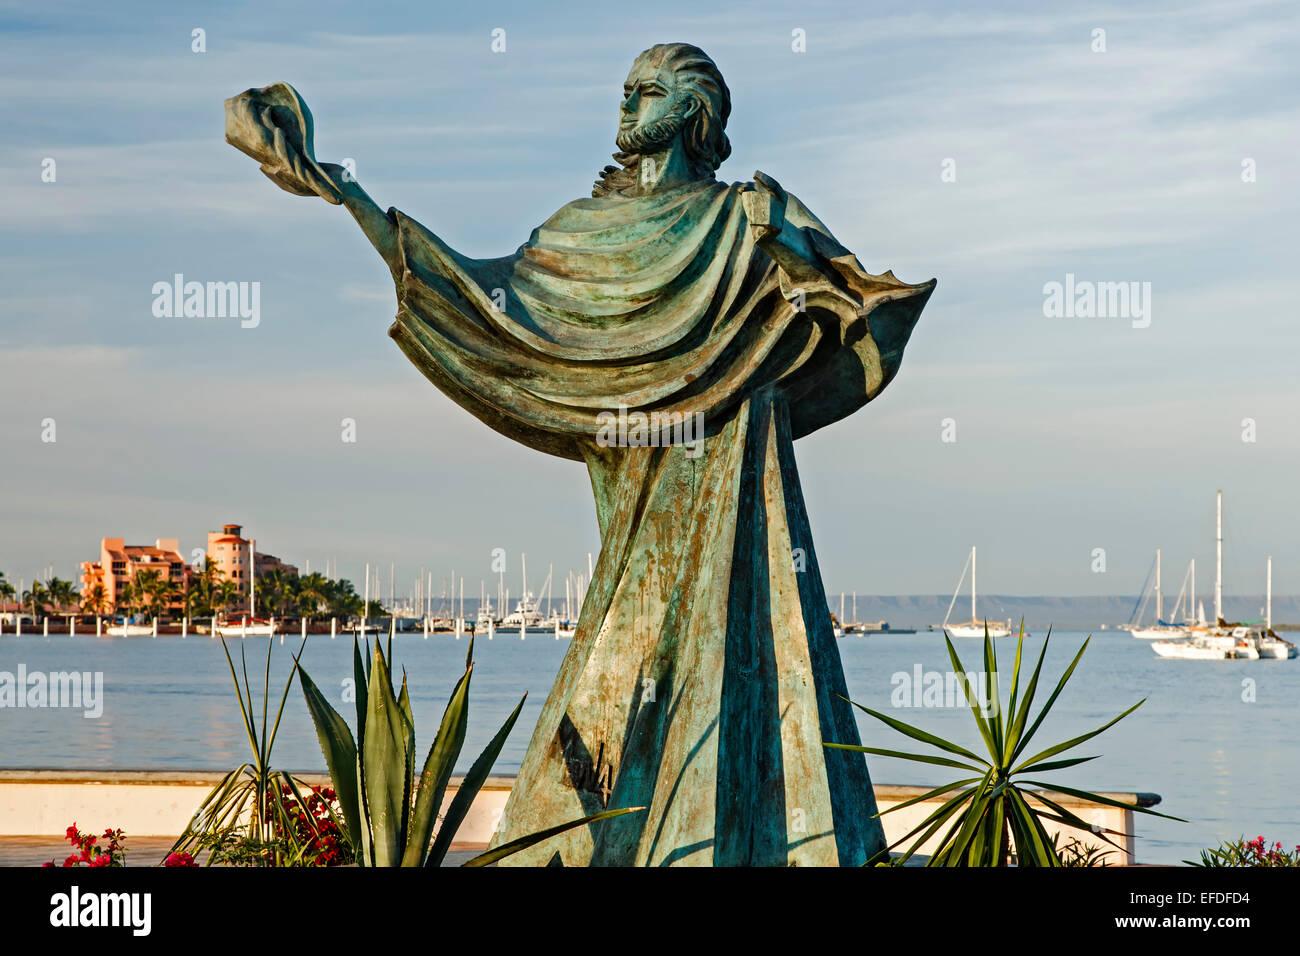 Escultura de persona sosteniendo una shell y Bahía, Malecón (paseo marítimo), La Paz, Baja California Imagen De Stock